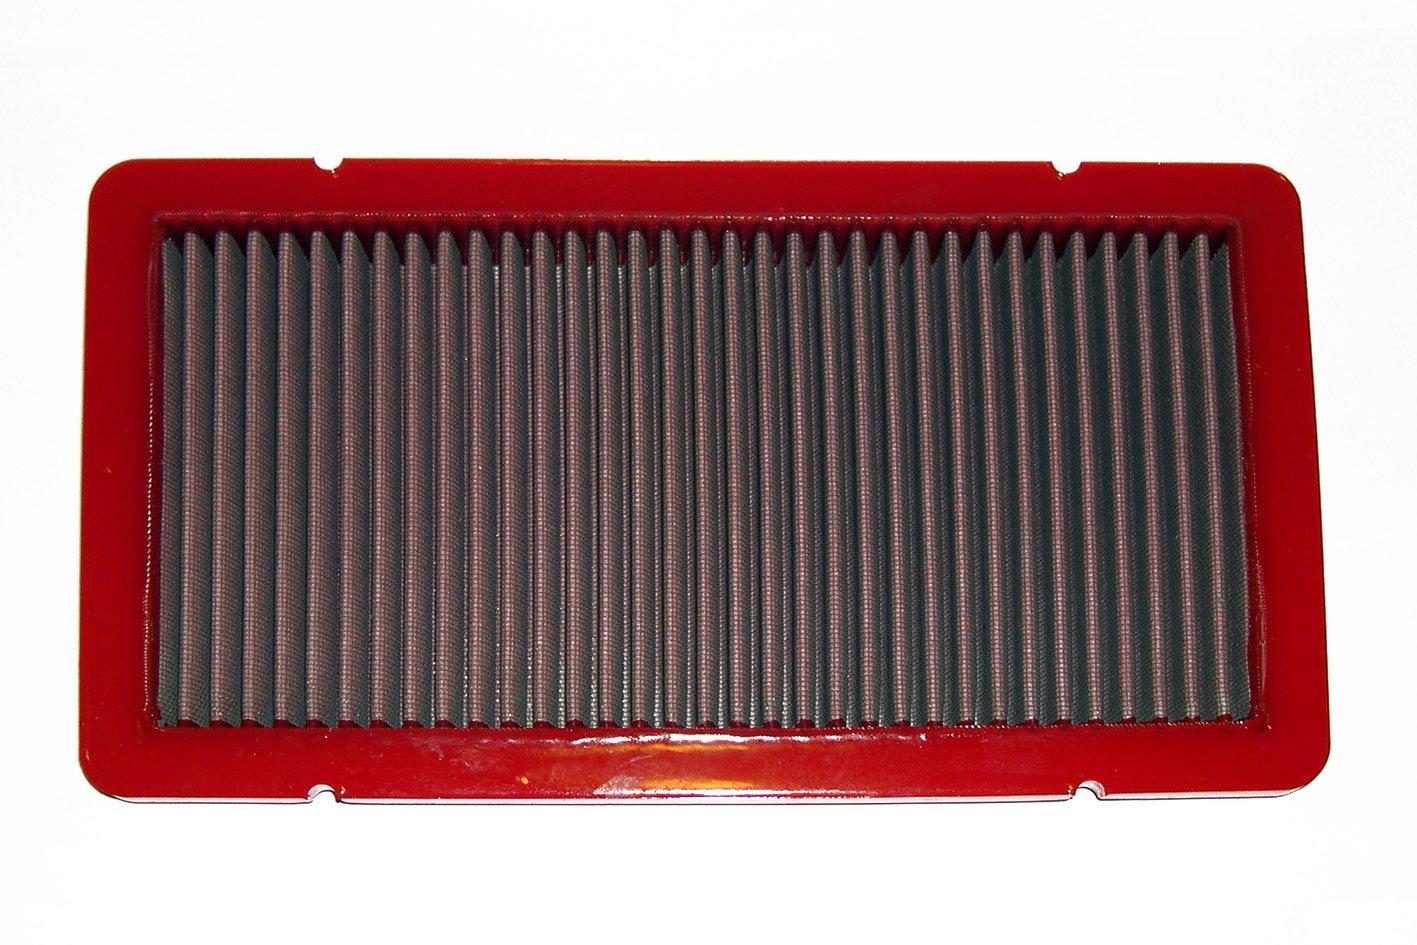 PantsSaver Tan Custom Fit Car Mat 4PC 0431163